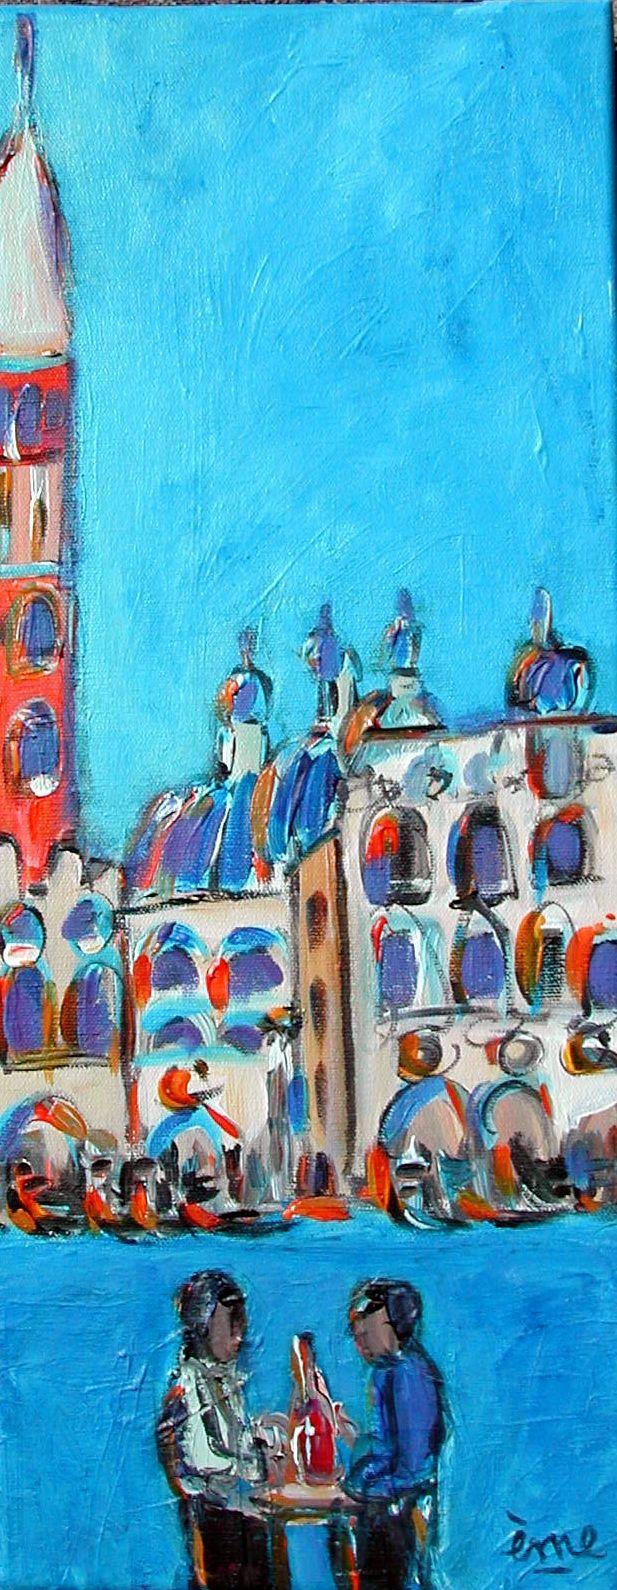 Venise 2. Acrylique sur toile. 20x50. dans ACTUALITES Venise-2-20x50